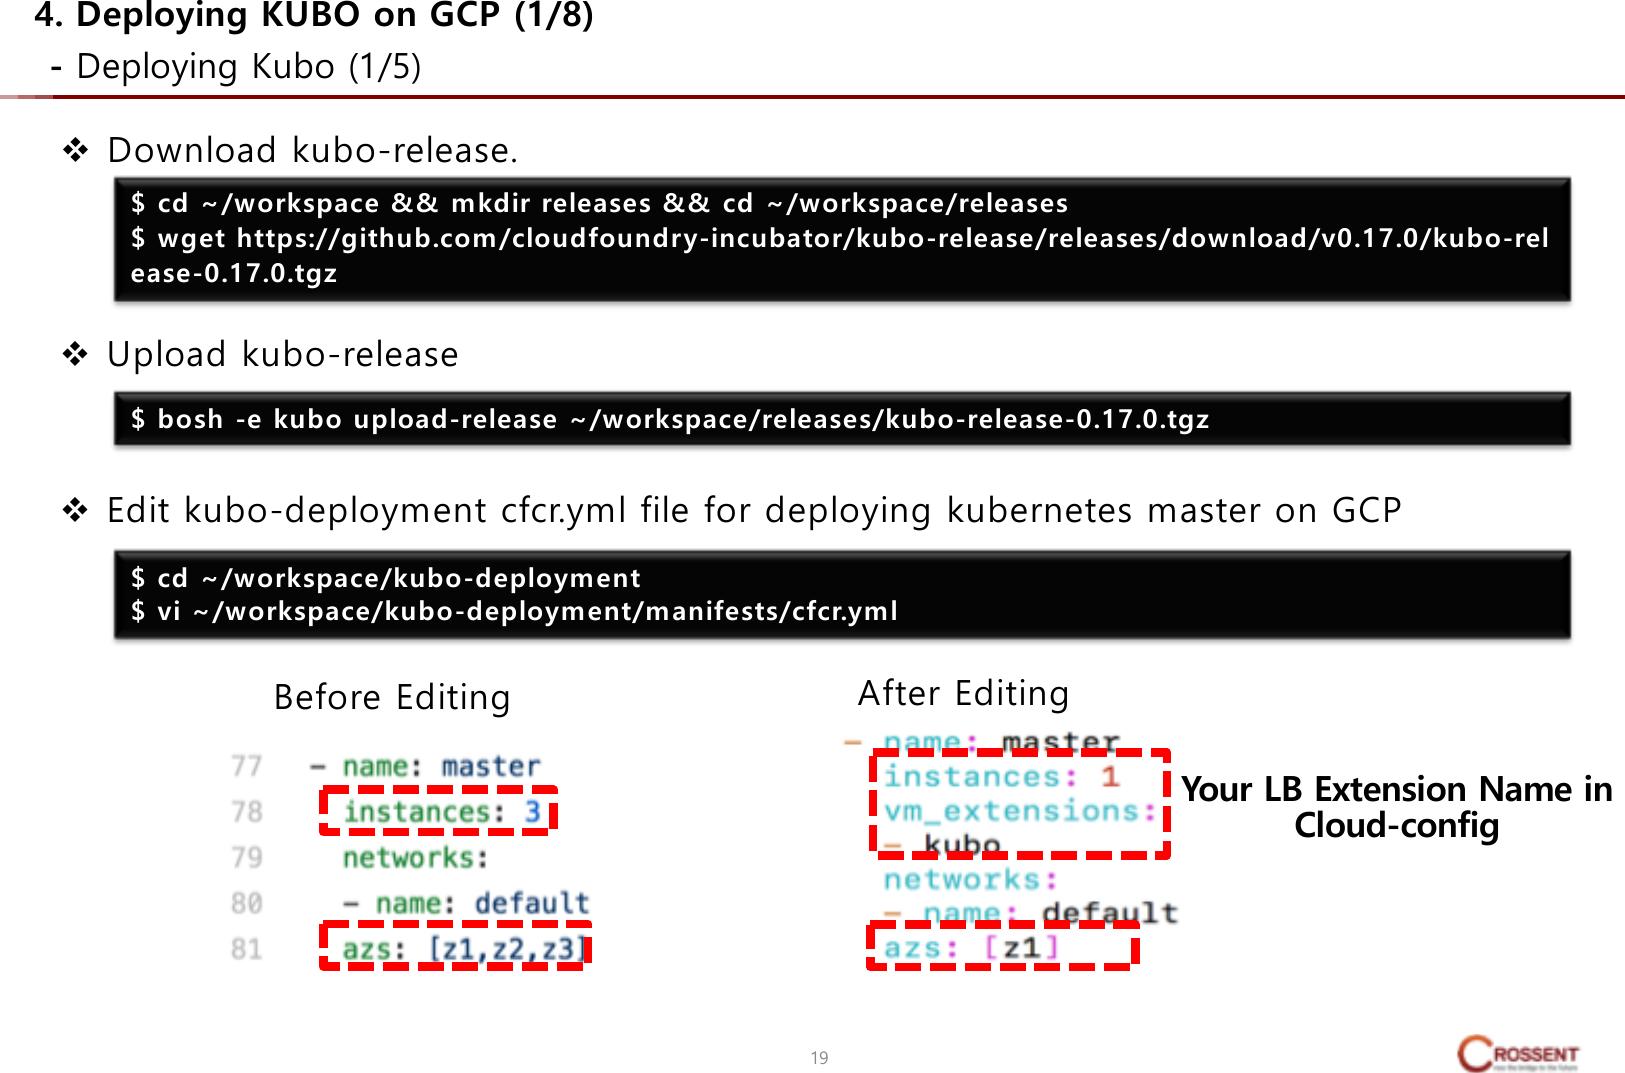 GCP KUBO Deploying Guide